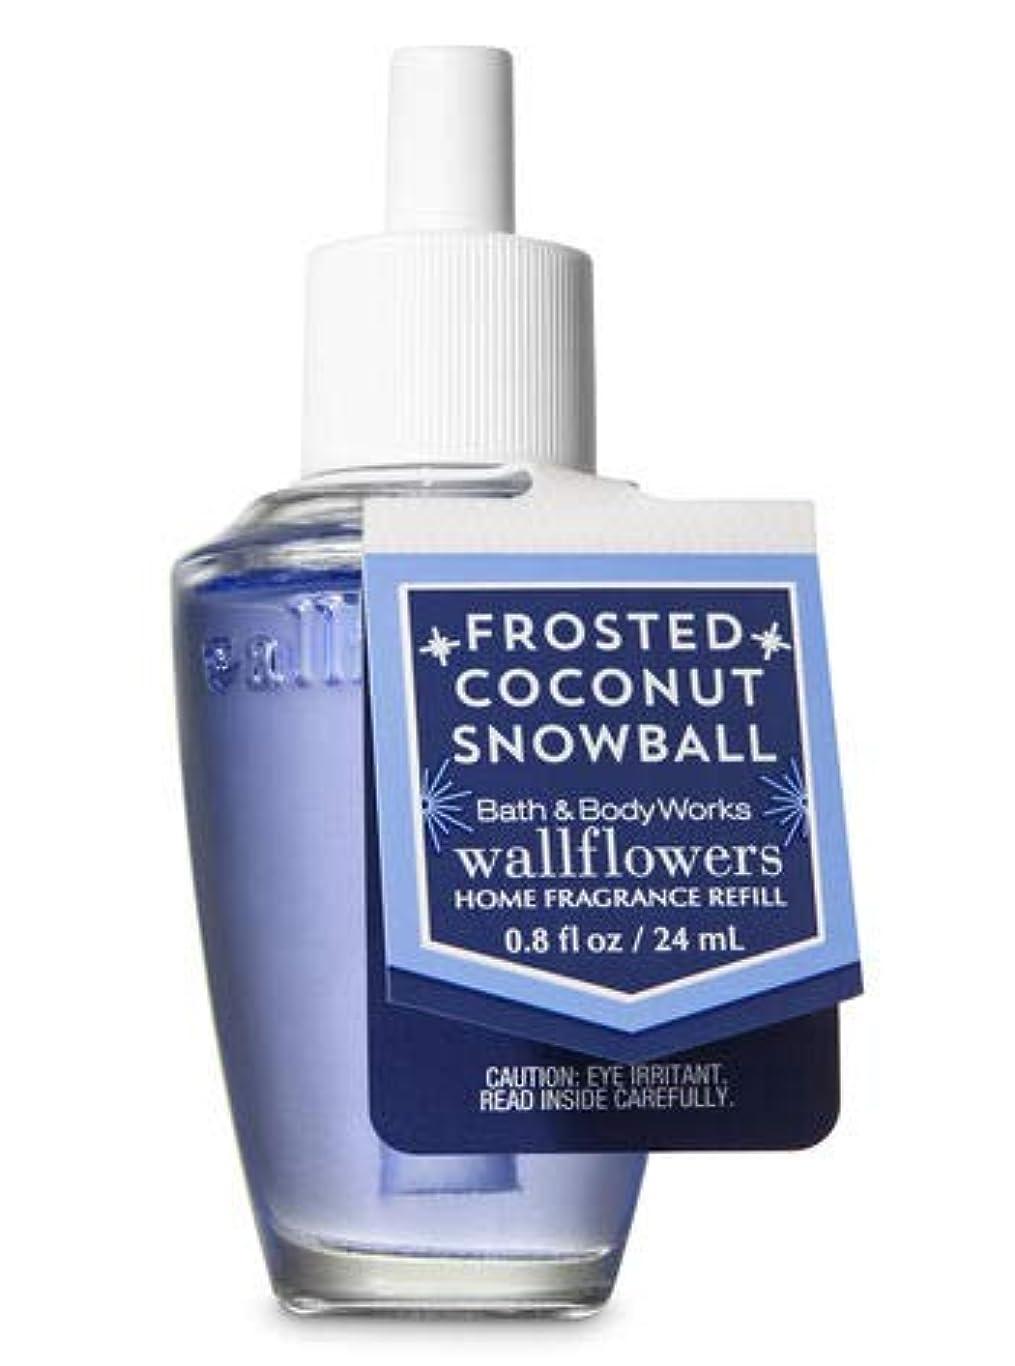 しつけ想定船【Bath&Body Works/バス&ボディワークス】 ルームフレグランス 詰替えリフィル フロステッドココナッツスノーボール Wallflowers Home Fragrance Refill Frosted Coconut Snowball [並行輸入品]